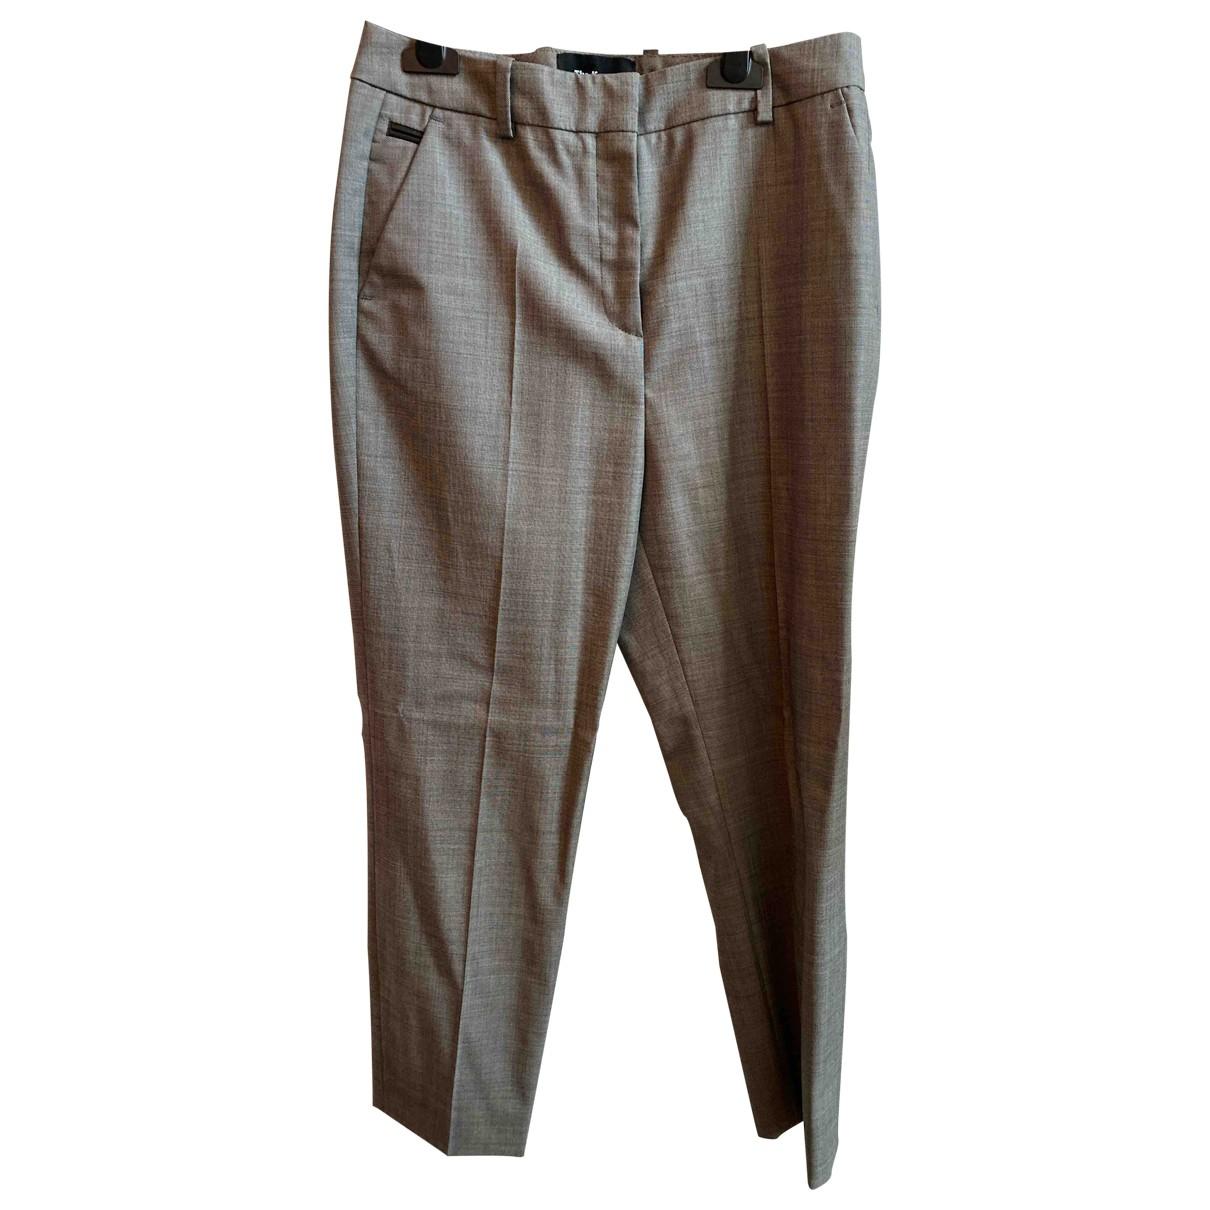 Pantalon recto de Lana The Kooples